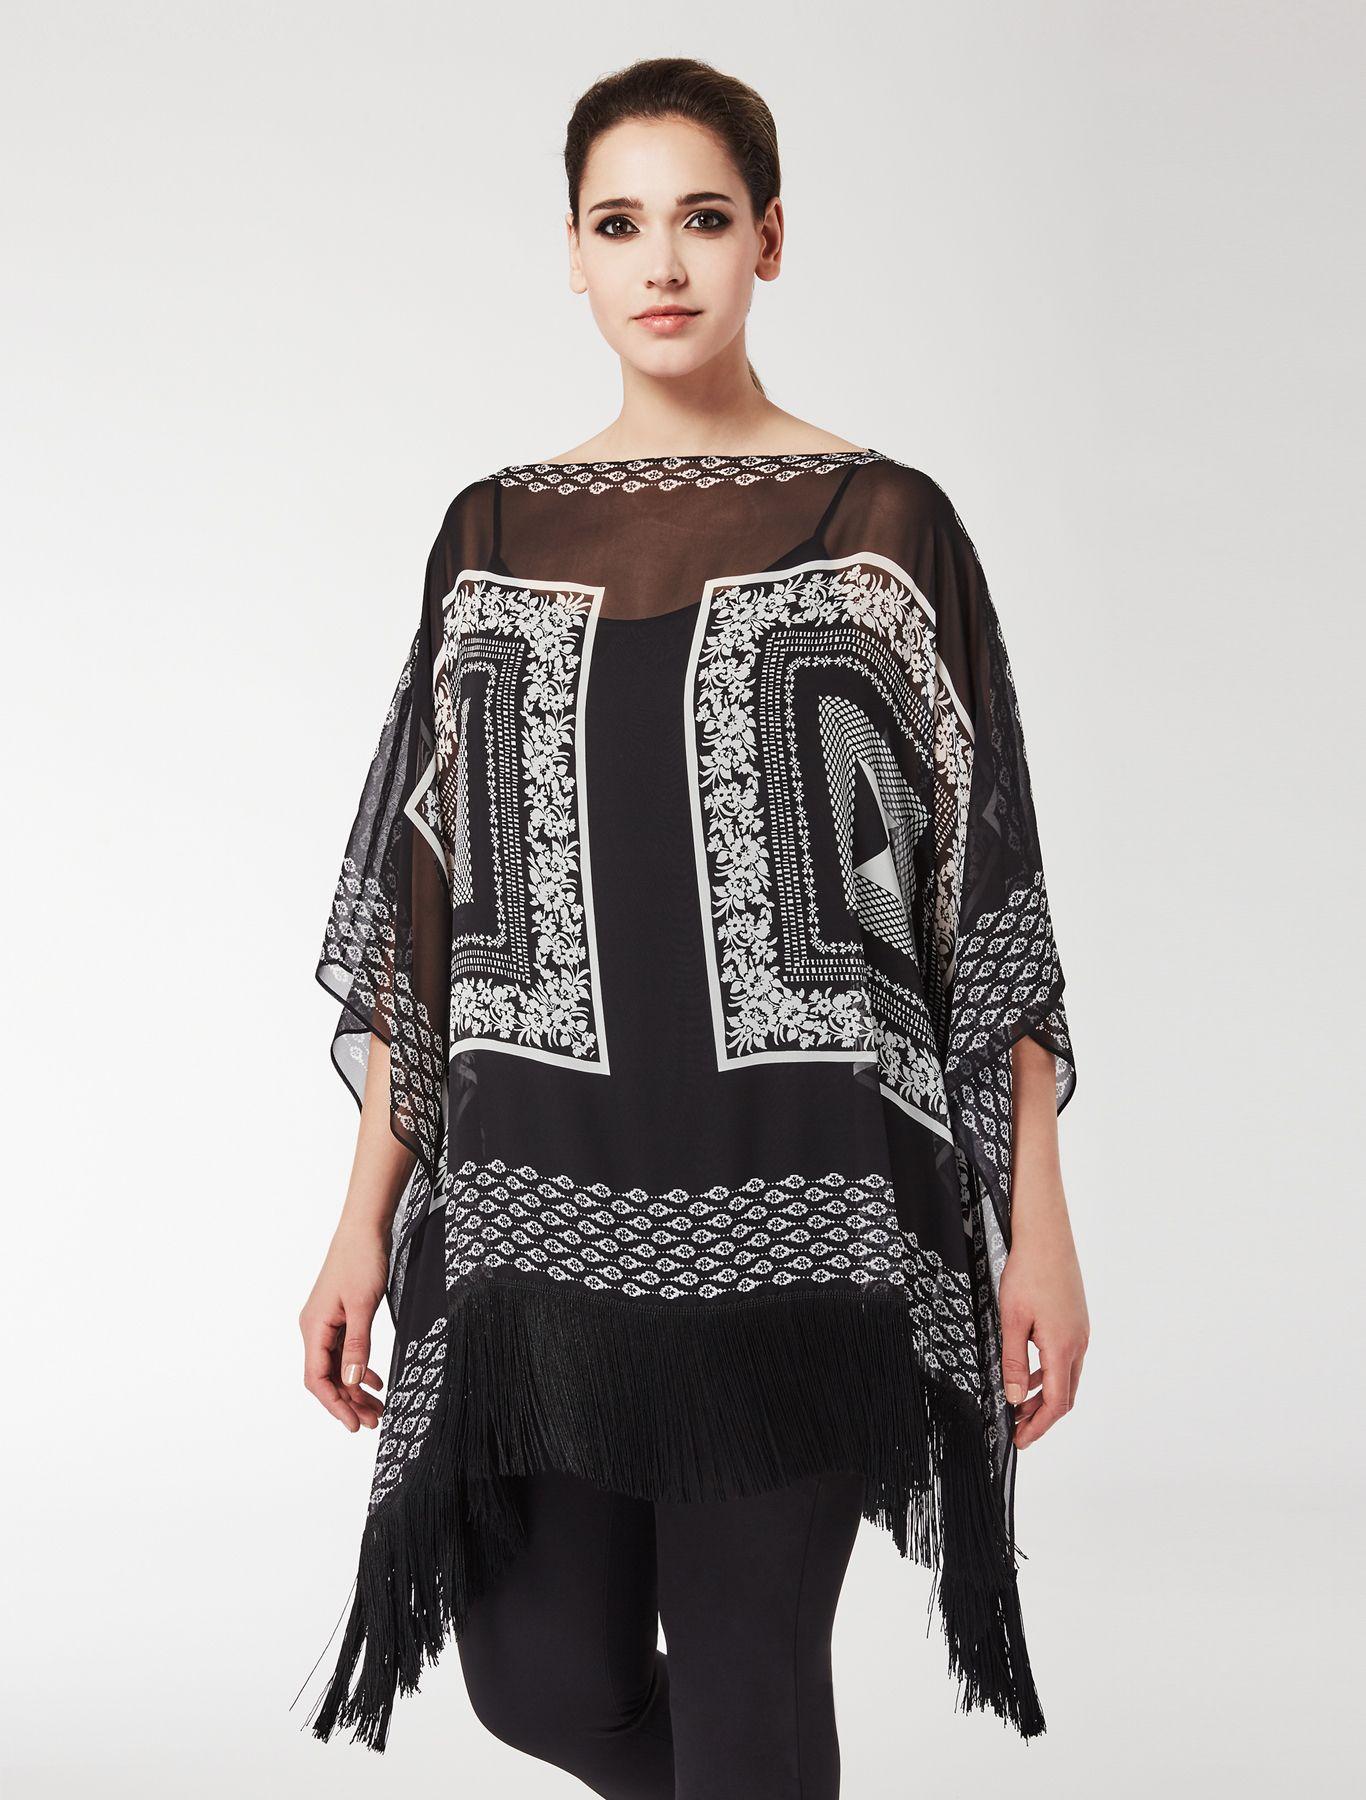 b1ff1394d28 Marina Rinaldi FATIDICO black: Silk georgette shirt tunic. | Kurtis ...